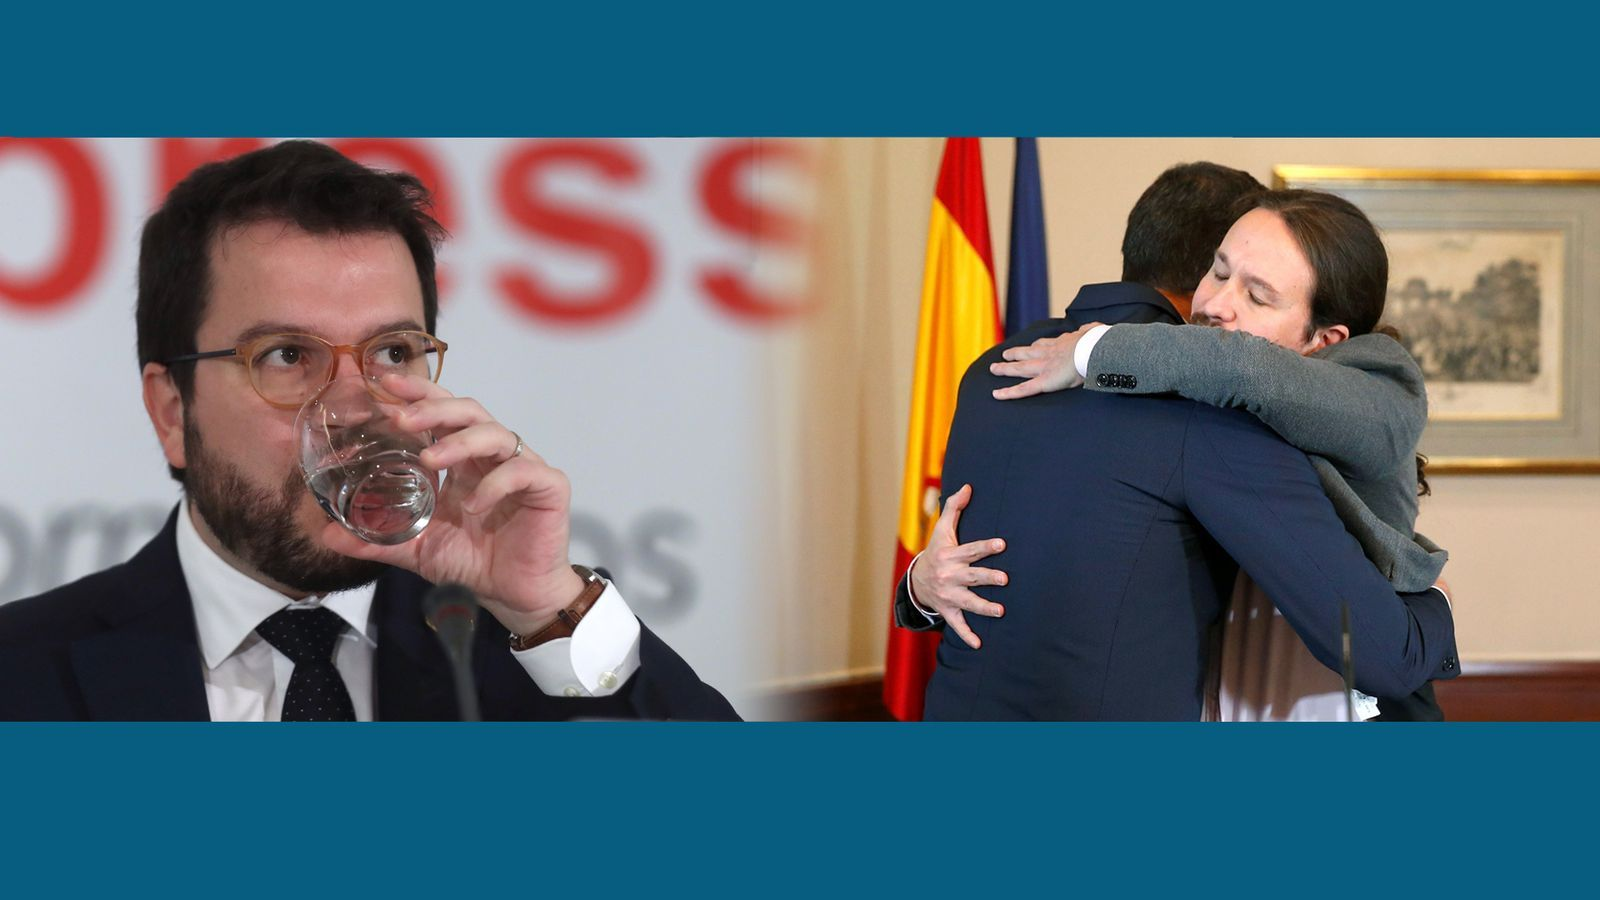 L'anàlisi d'Antoni Bassas: 'Estàs d'acord que Pedro Sánchez es comprometi a pactar amb Esquerra i digui que dormirà tranquil?'